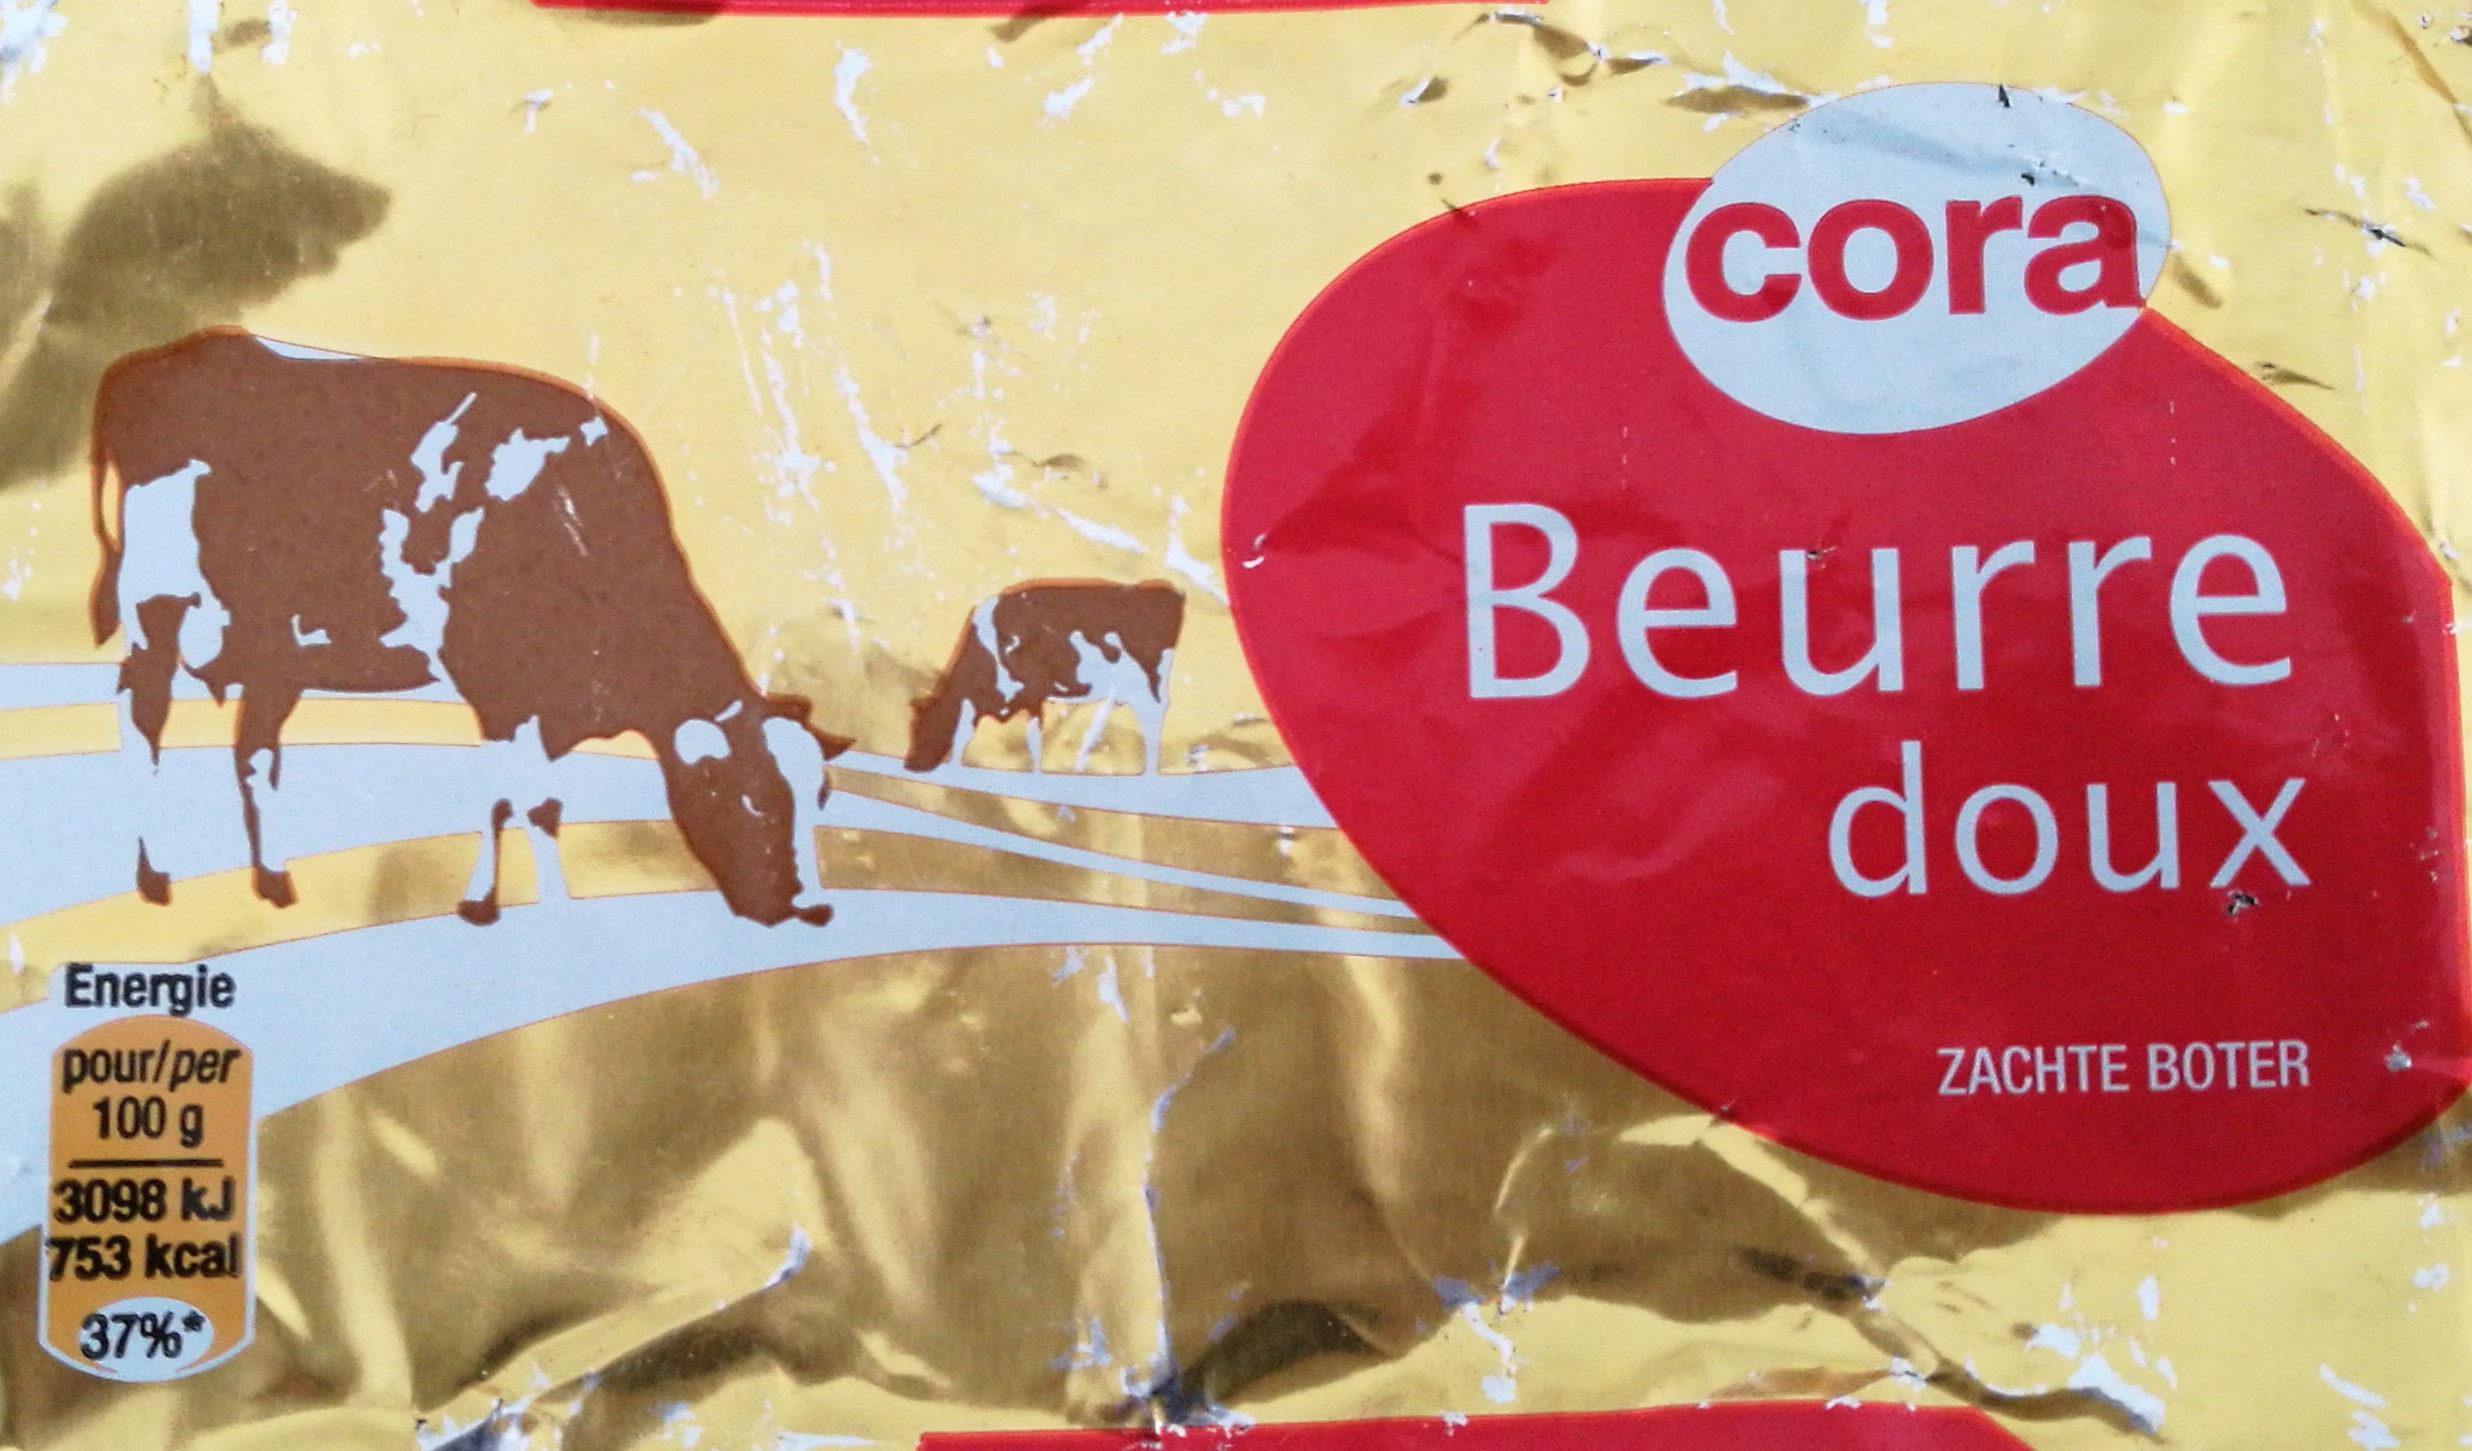 Beurre doux cora - Produit